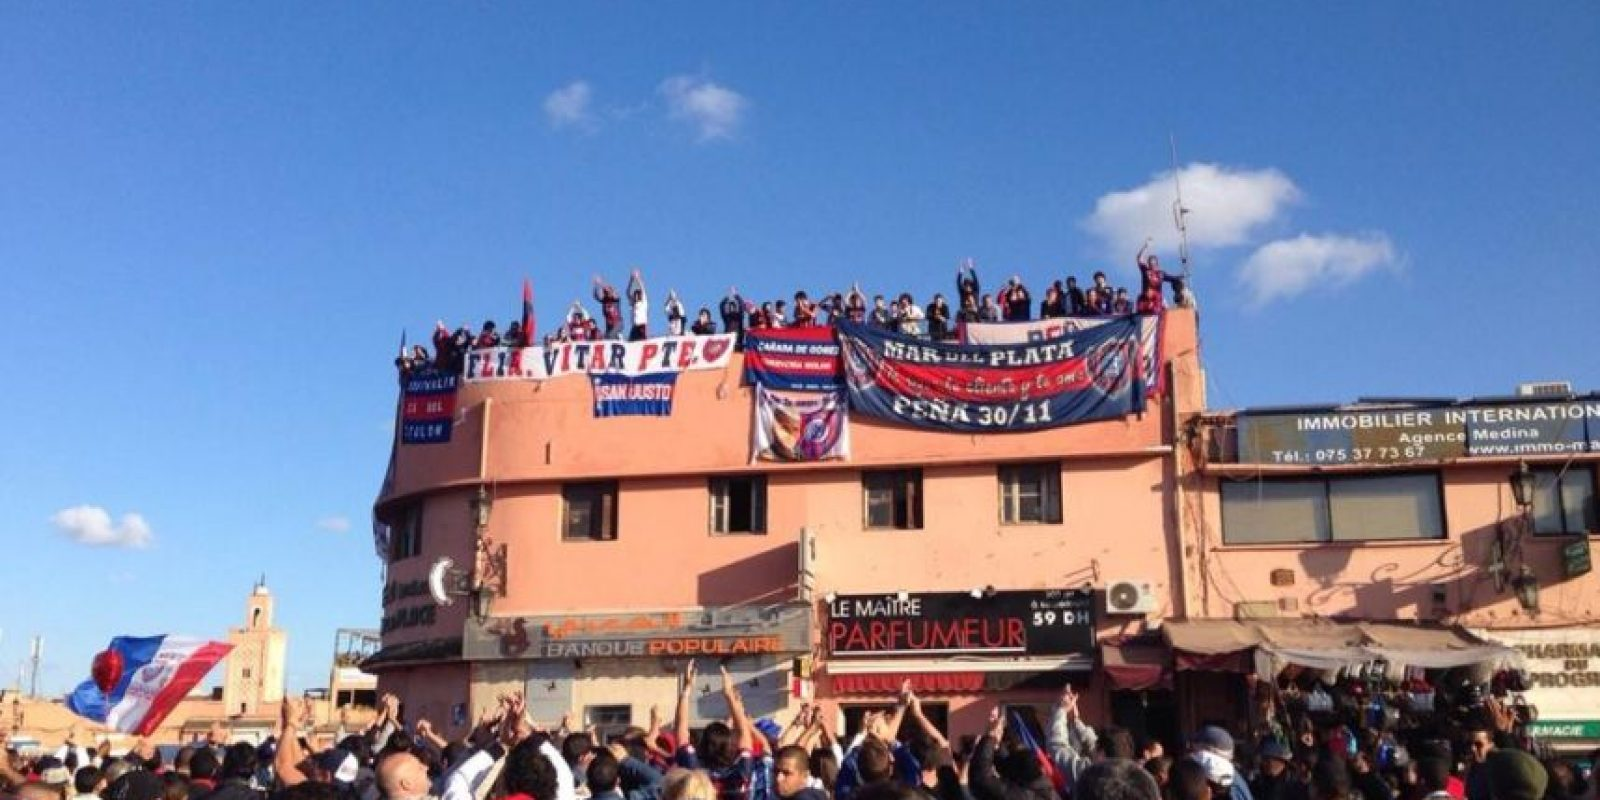 Los fans del Ciclón ya están en Marruecos Foto:Twitter: @SanLorenzo